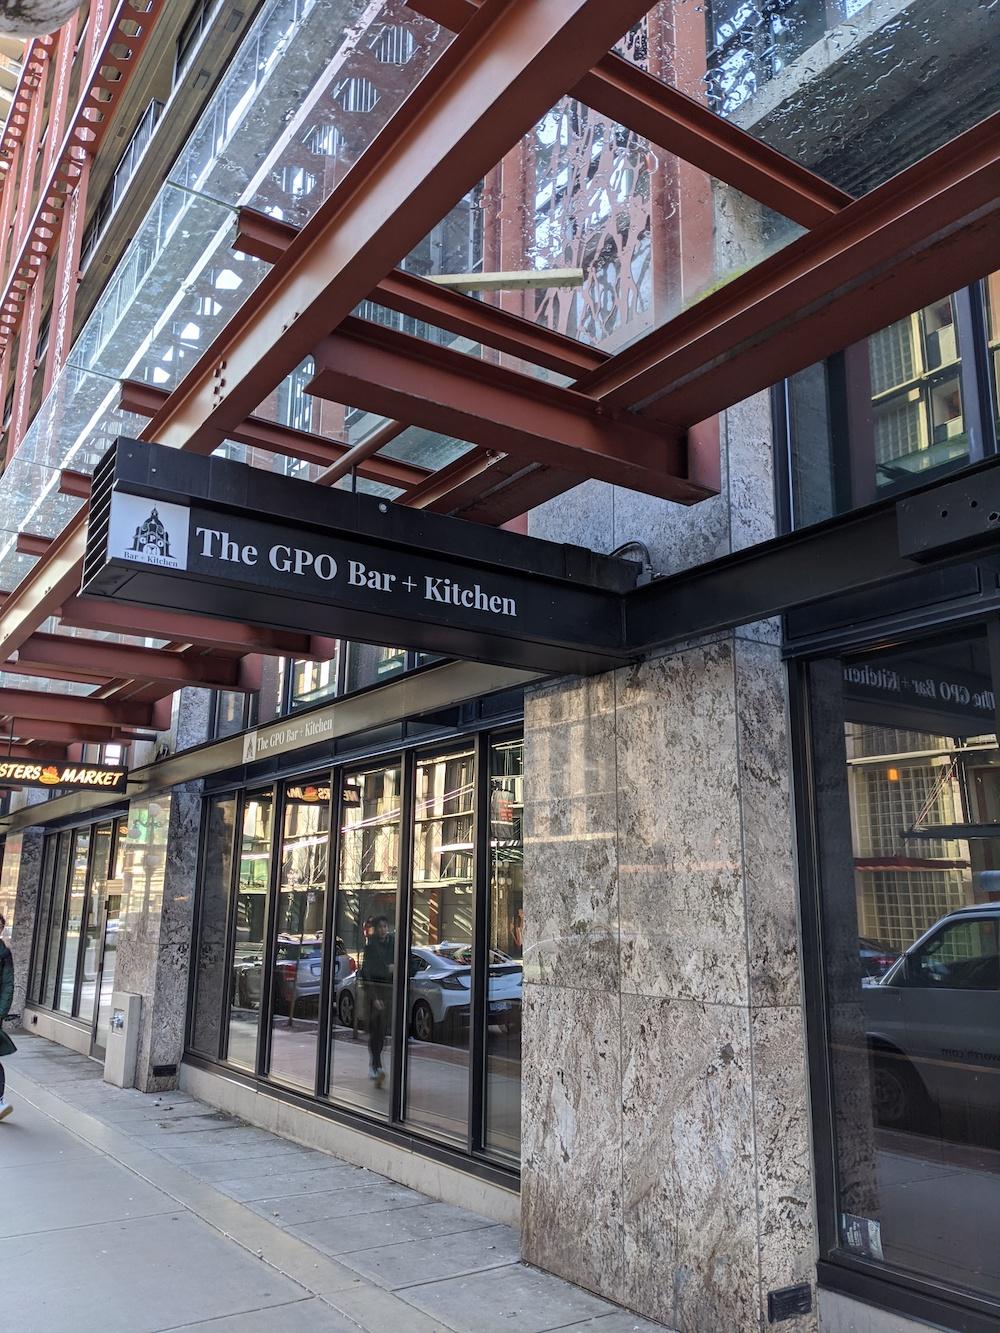 GPO Bar + Kitchen